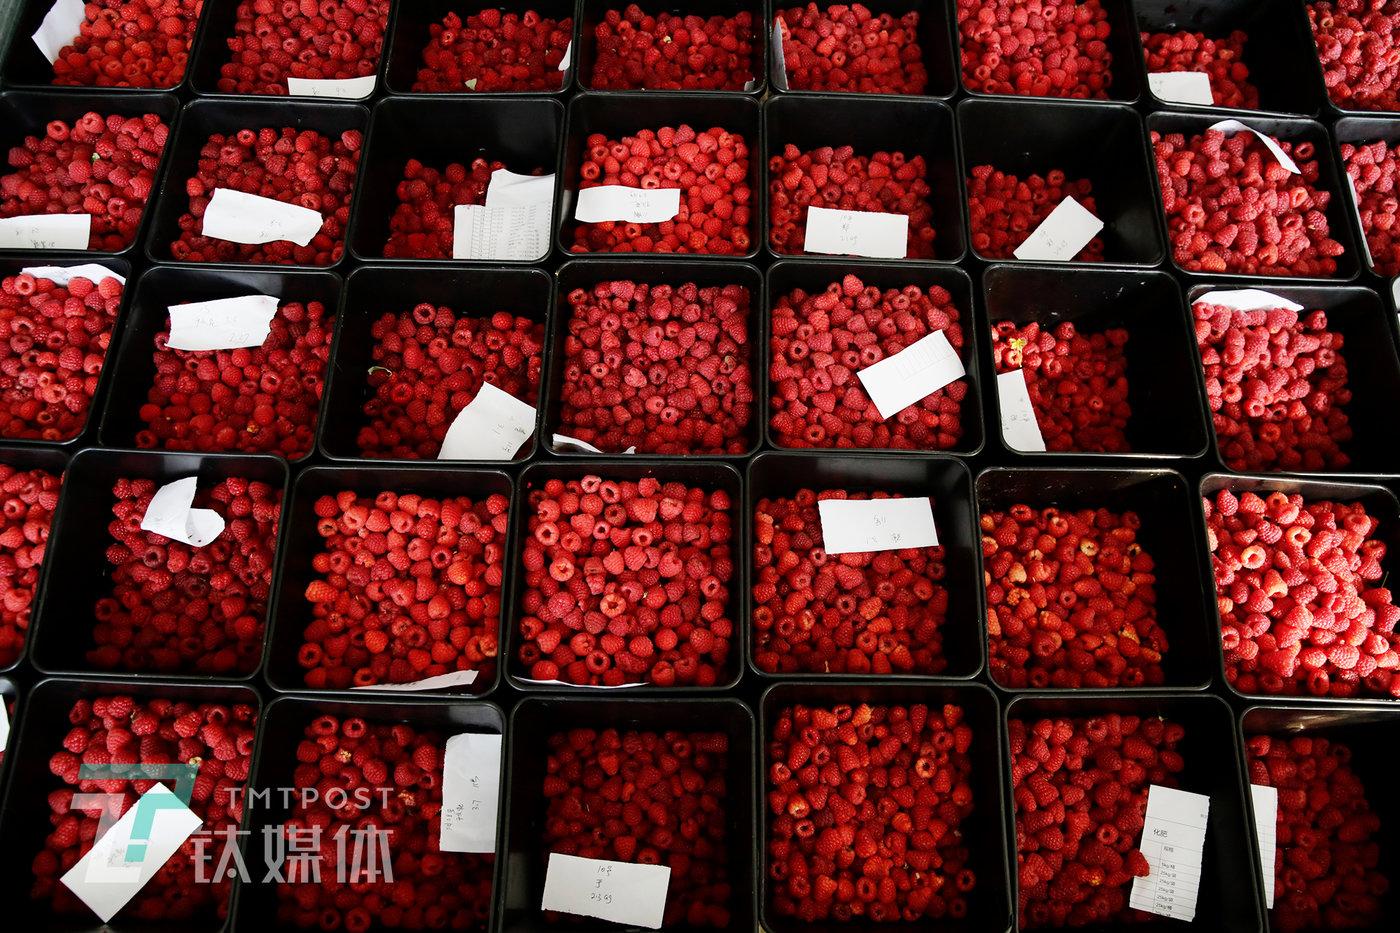 7月31日,基地冷库内,采摘入库的树莓。